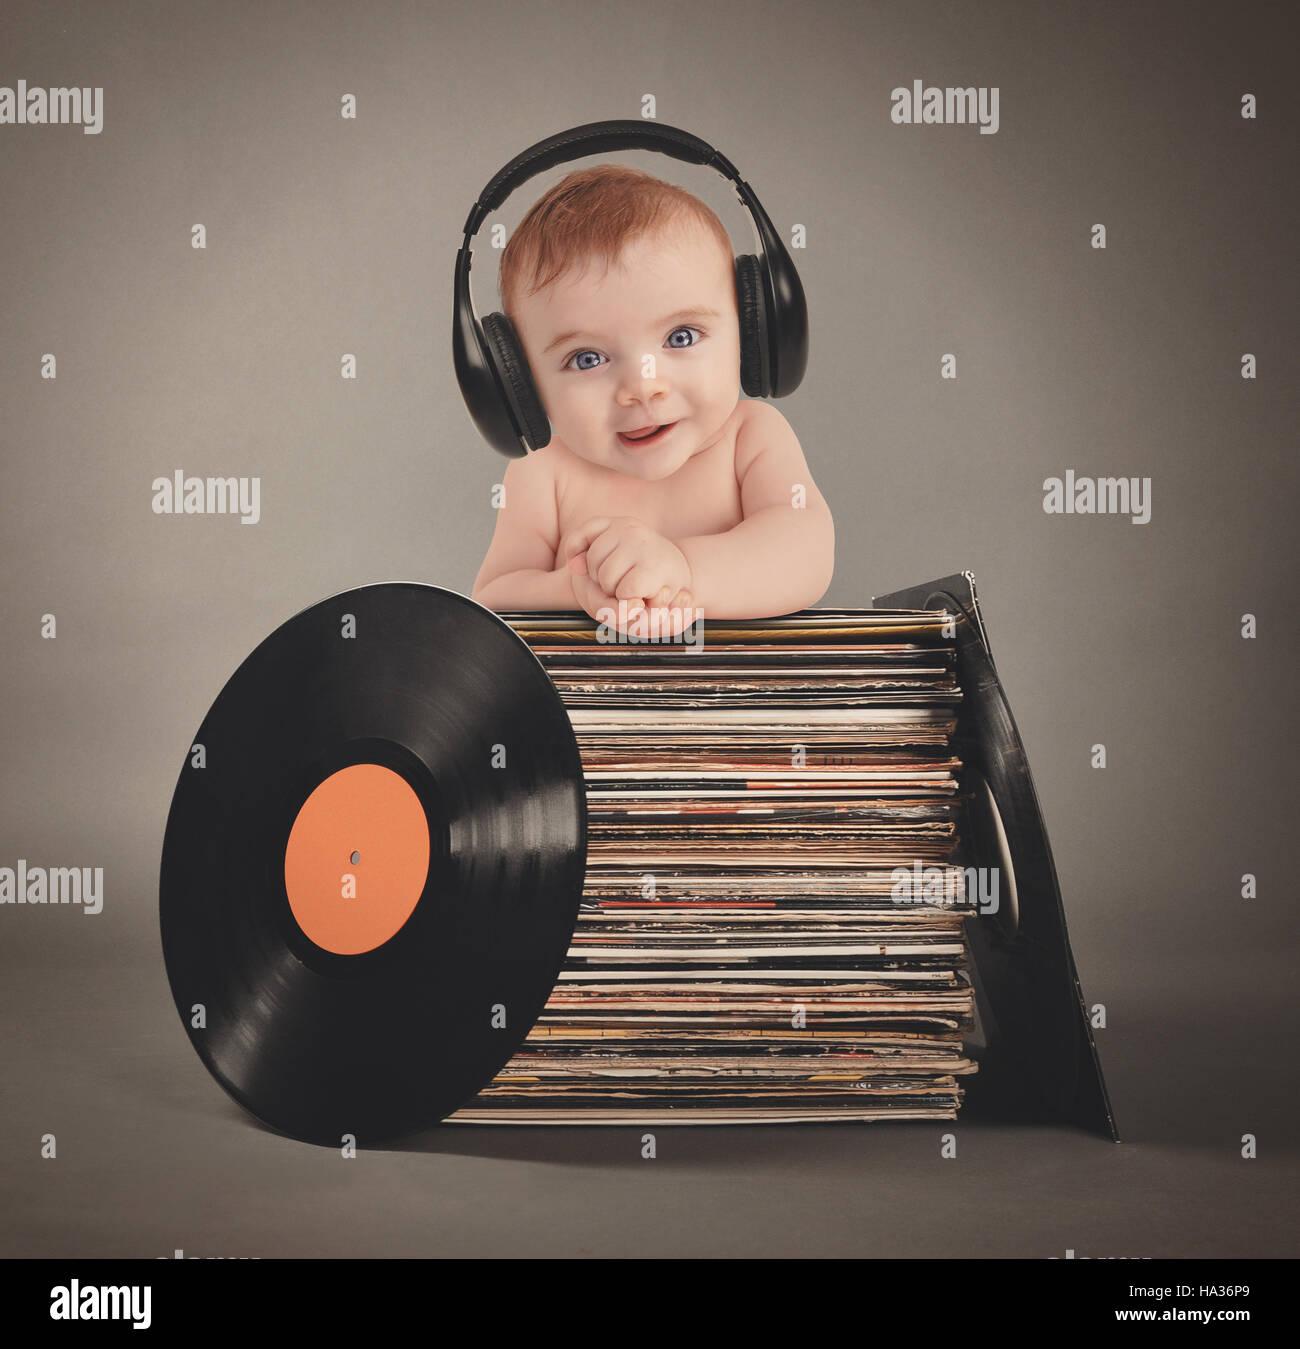 Un petit bébé porte des écouteurs de musique rétro avec les disques vinyles sur un fond gris pour un parti ou divertissement concept. Banque D'Images